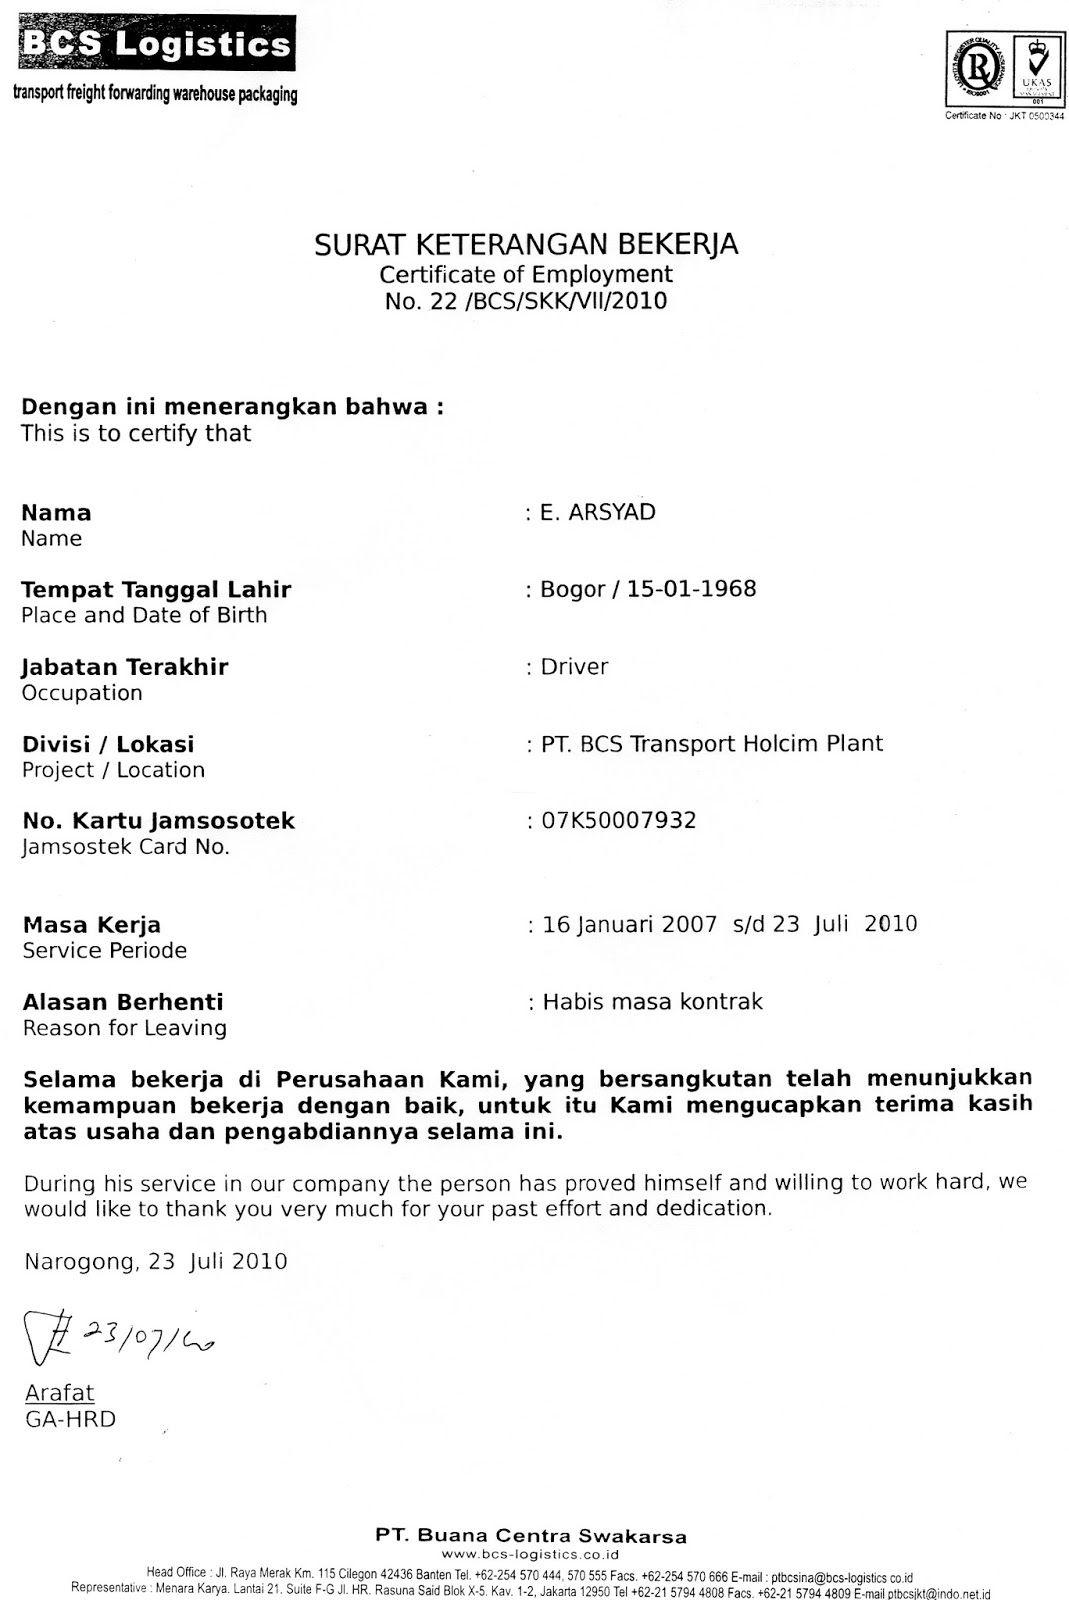 Contoh Surat Perjanjian Kerjasama Dalam Bahasa Inggris ...